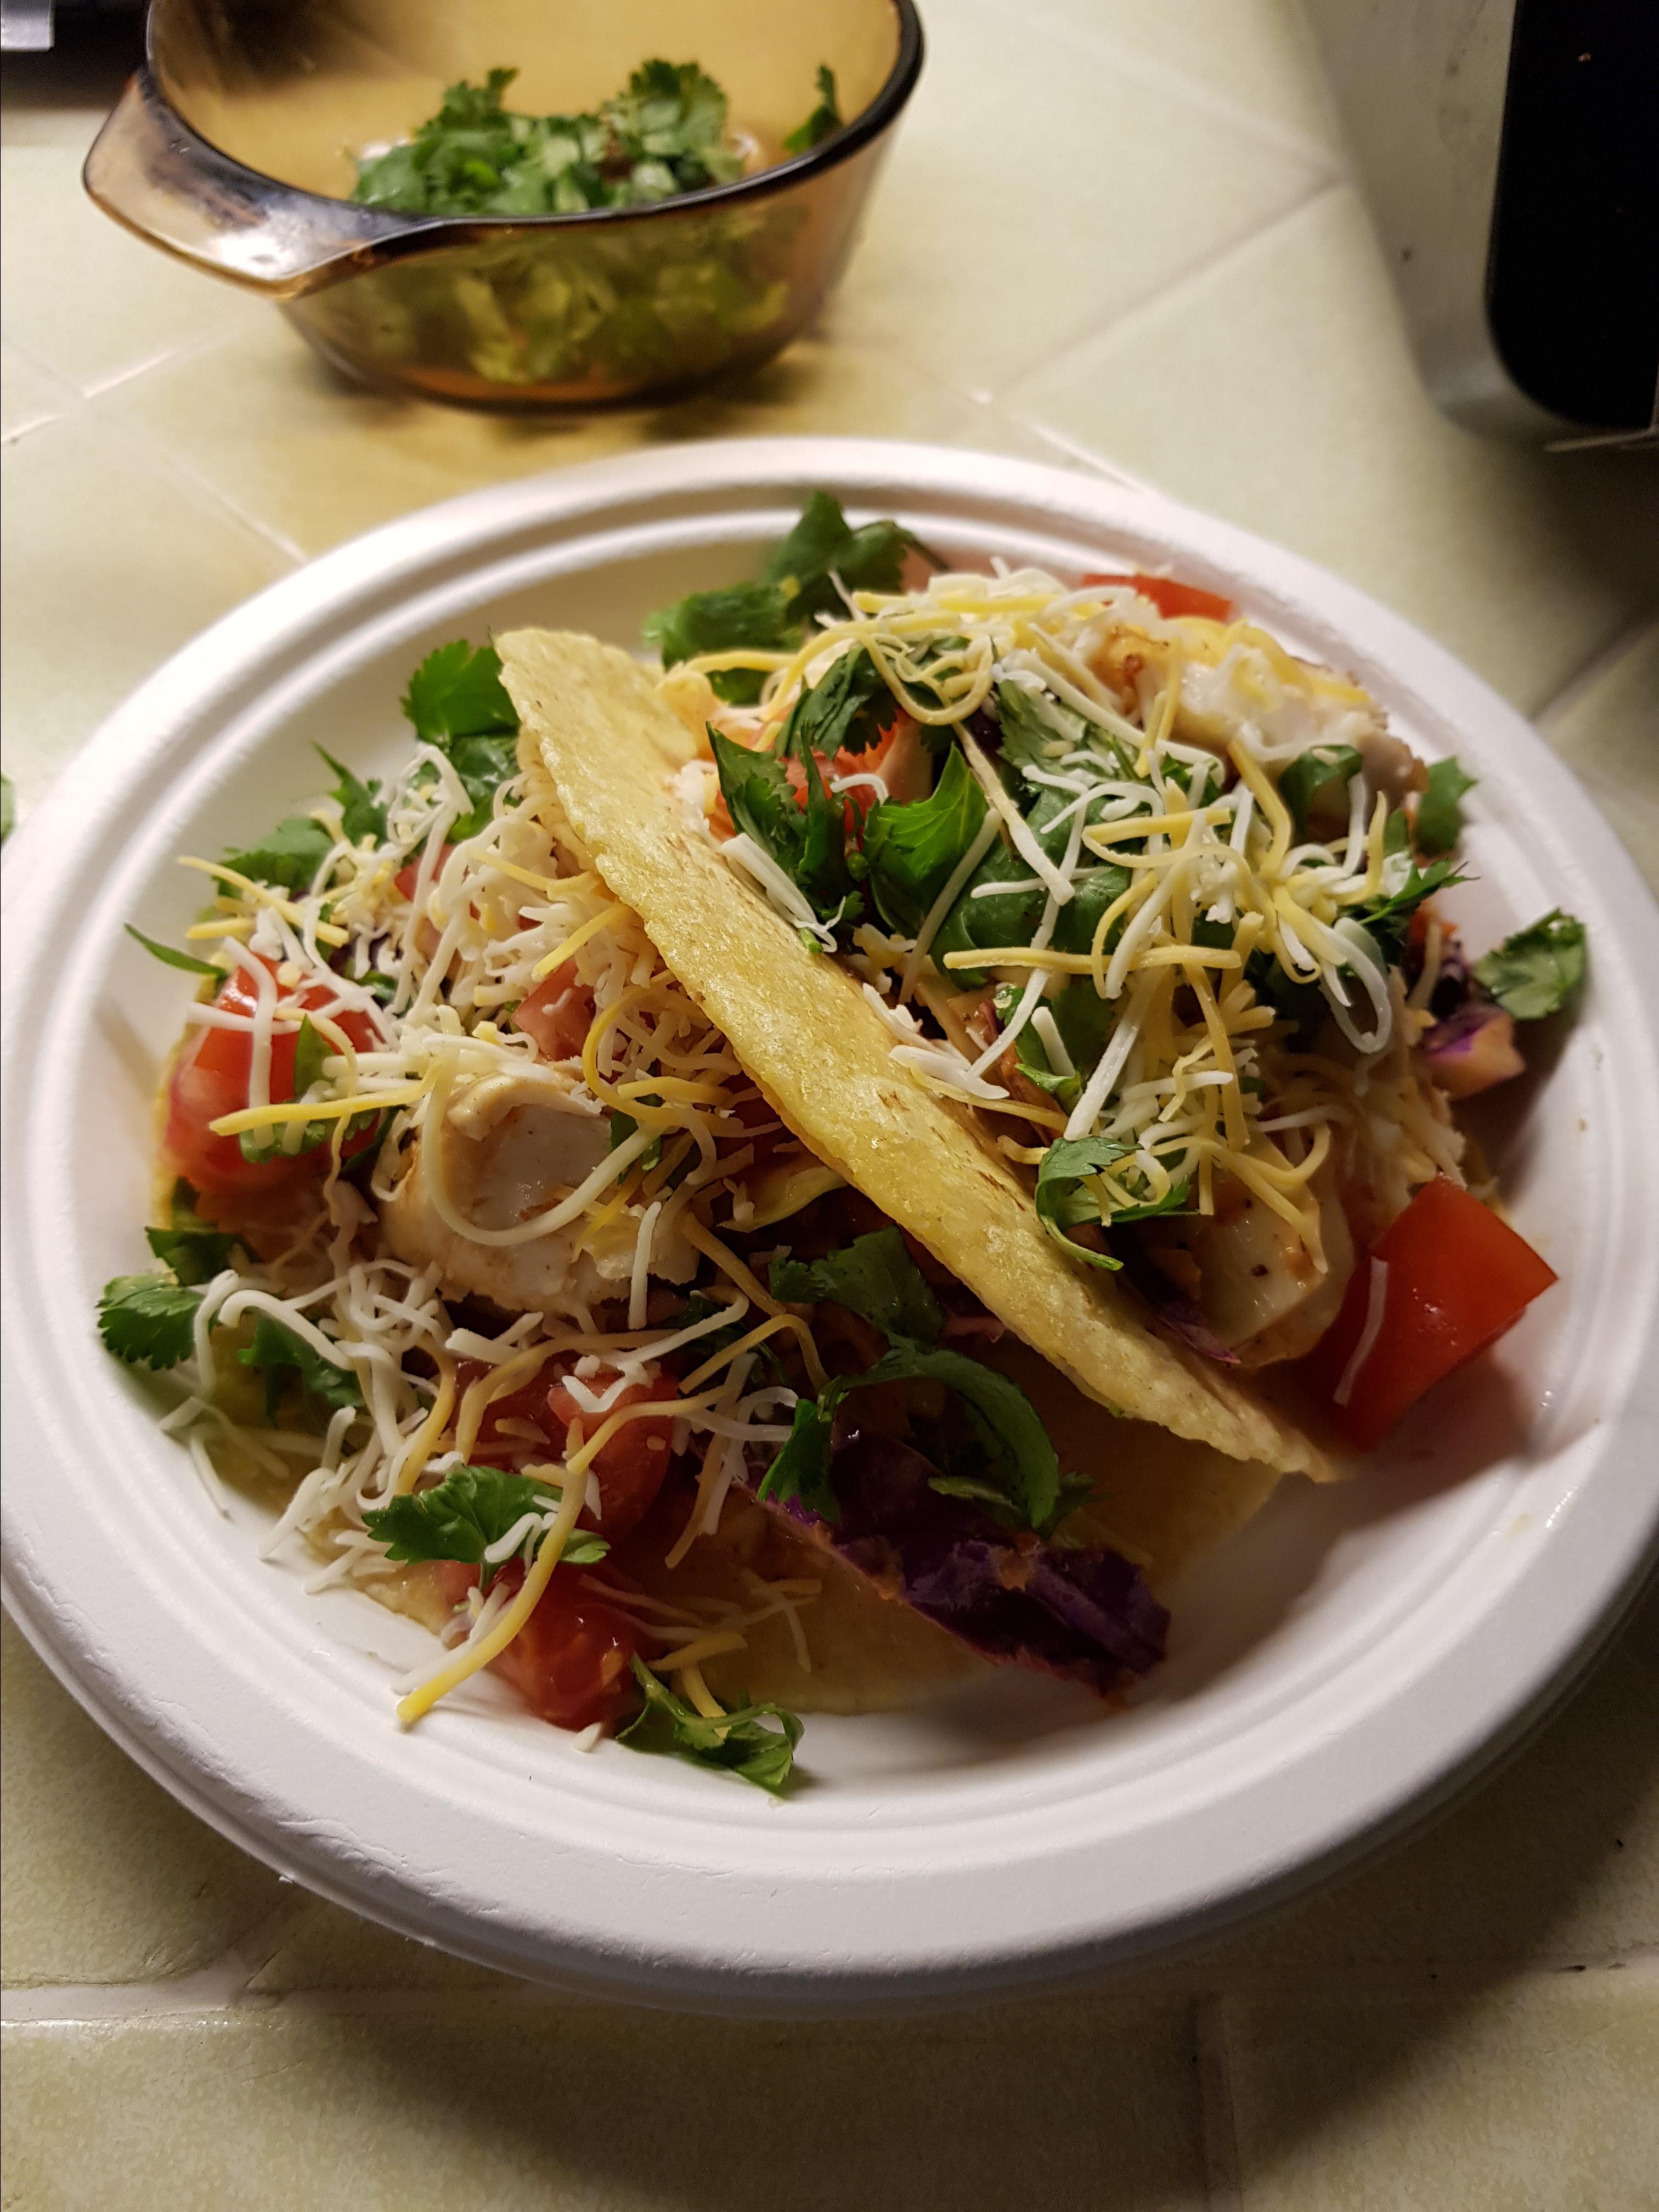 Healthy Fish Tacos with Cilantro Slaw